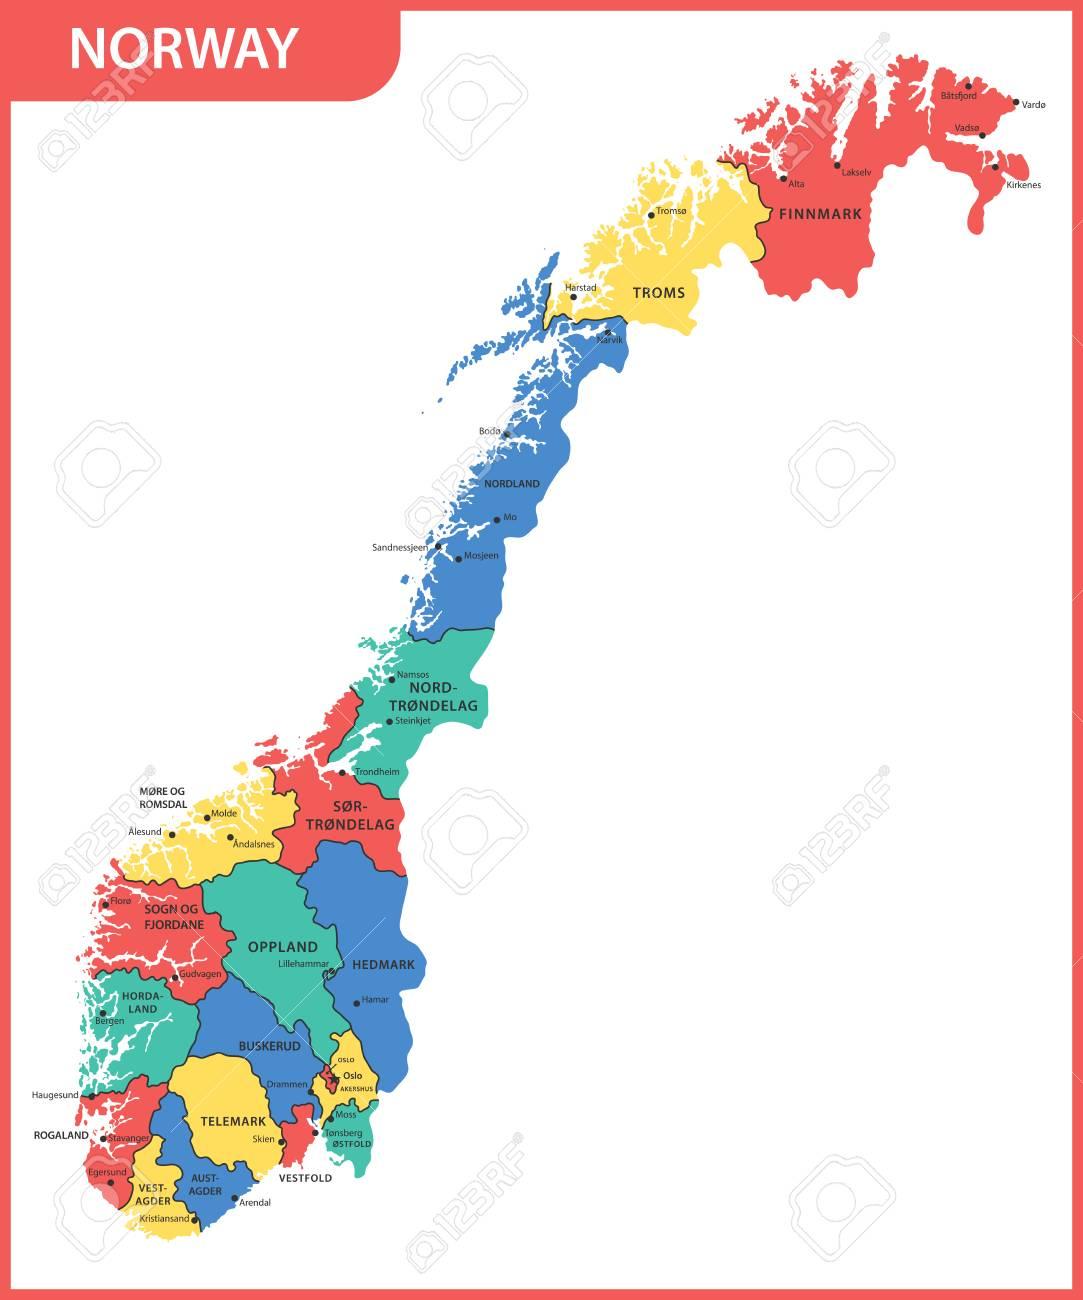 norwegen karte regionen Die Detaillierte Karte Von Norwegen Mit Regionen Oder Staaten Und  norwegen karte regionen